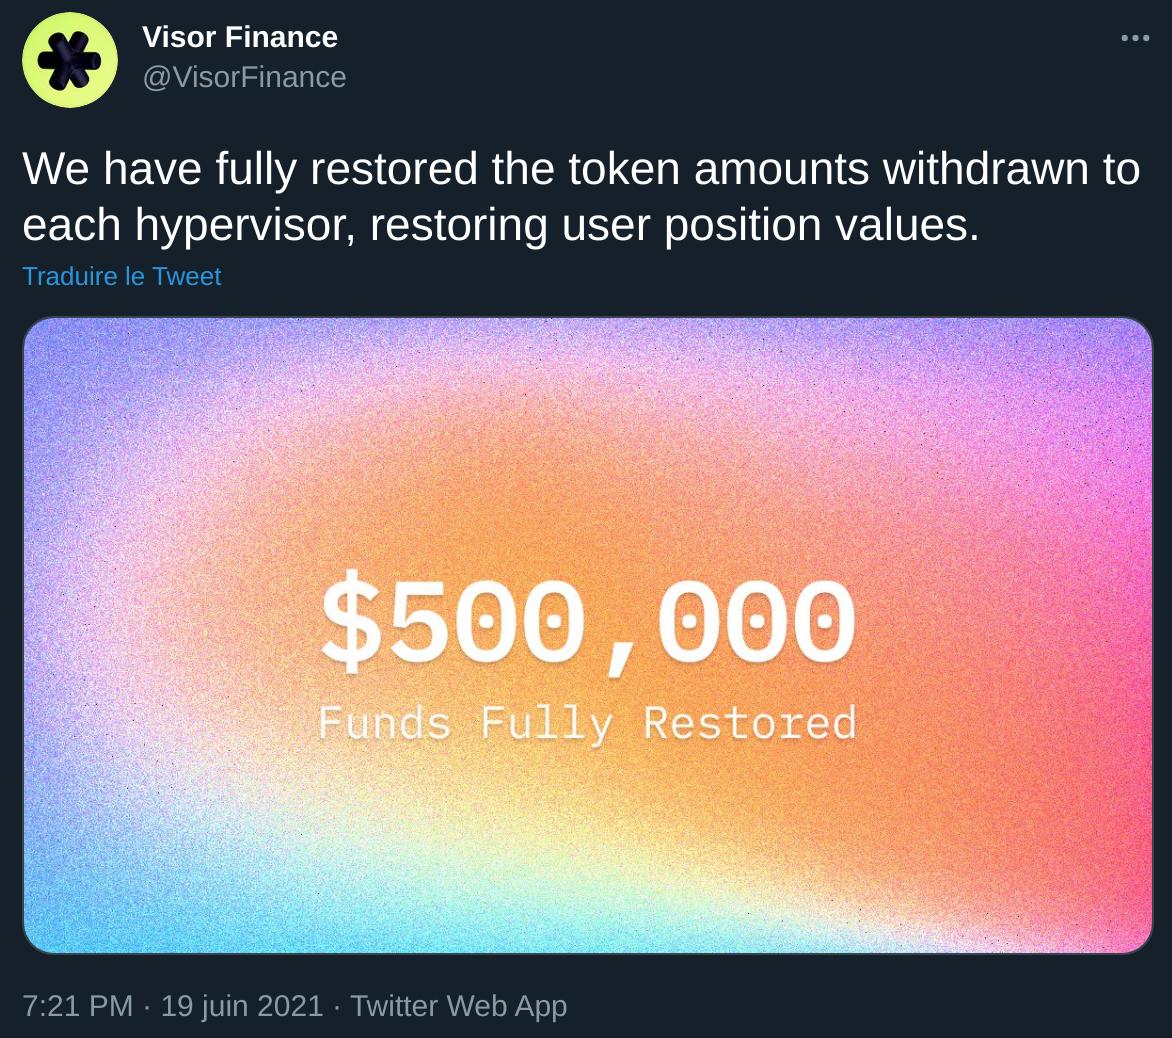 Communiqué de Visor Finance